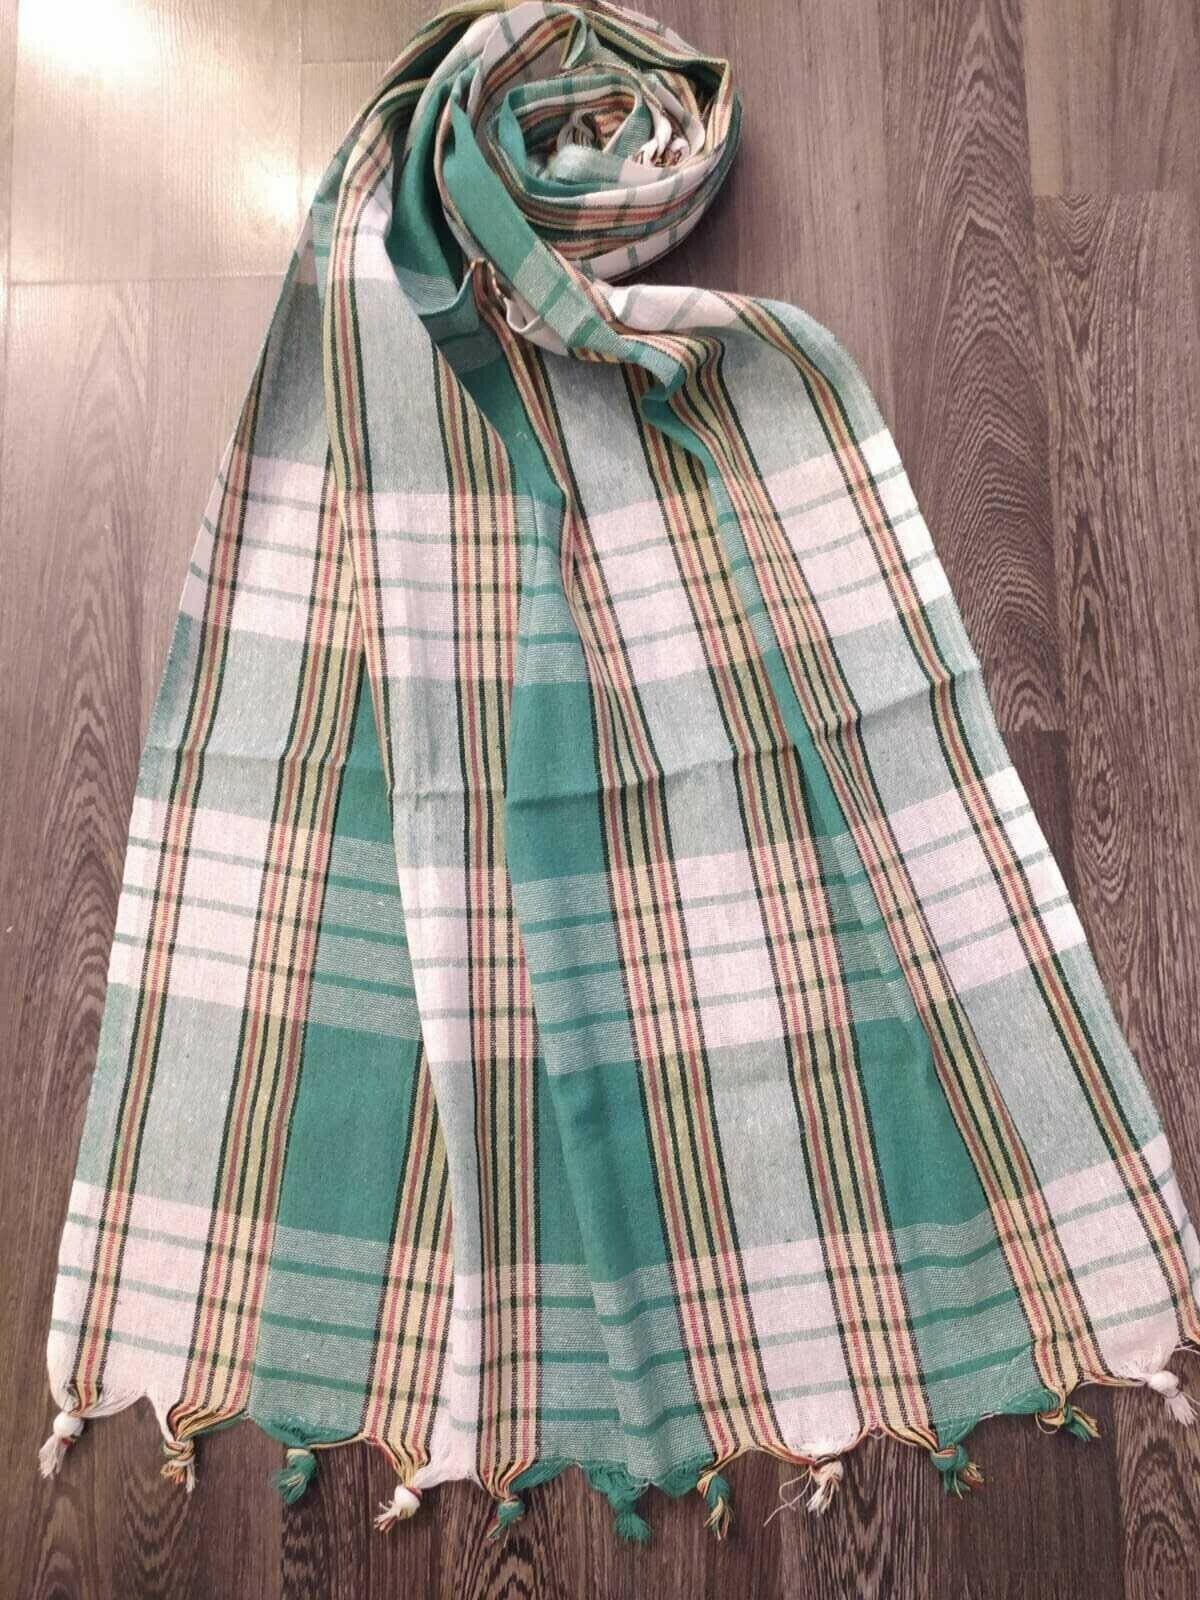 Fouta Towel MDL1 Terry Towel Terry /& Peshtemal Turkish Peshtemal Towels